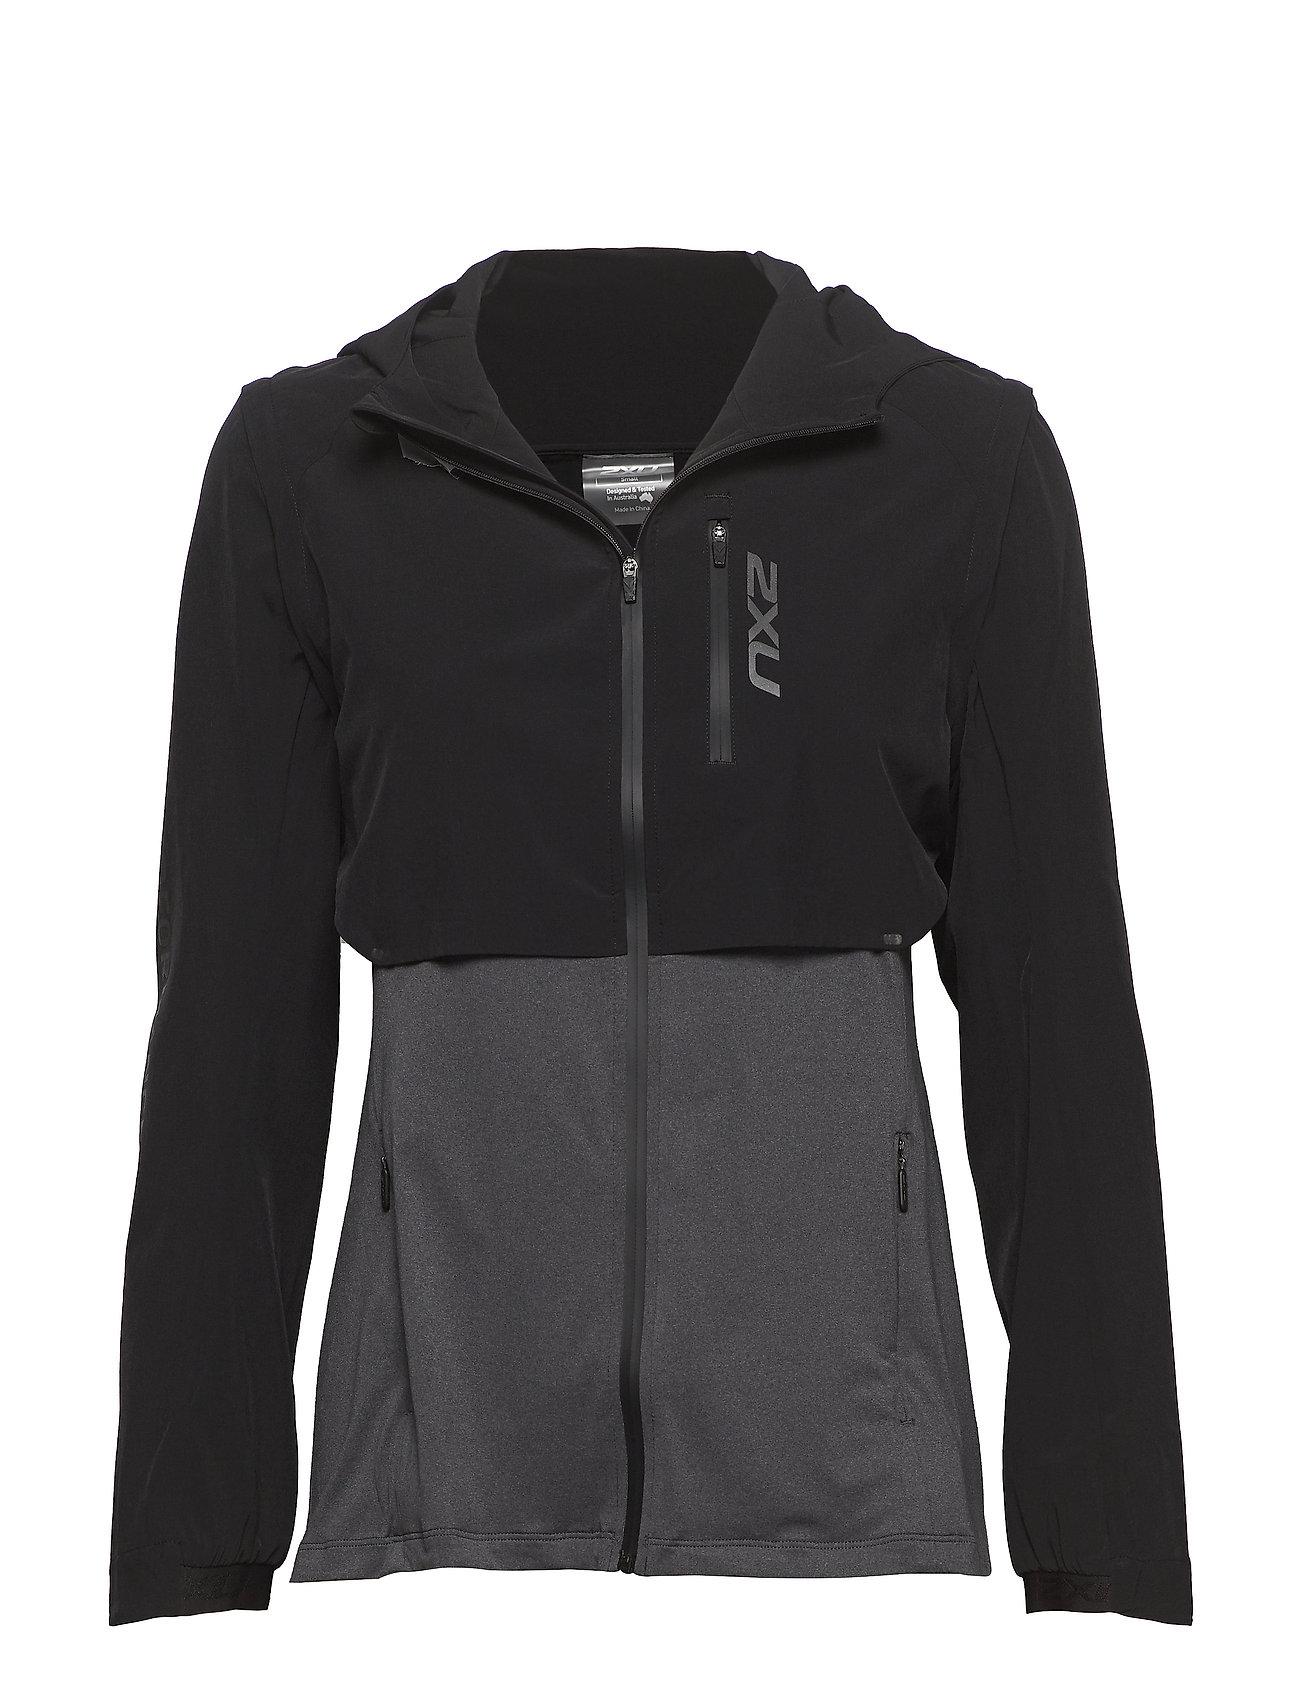 c184cae7 Ghst 2 In 1 Jacket-w (Black/black Marle) (83.40 €) - 2XU - | Boozt.com